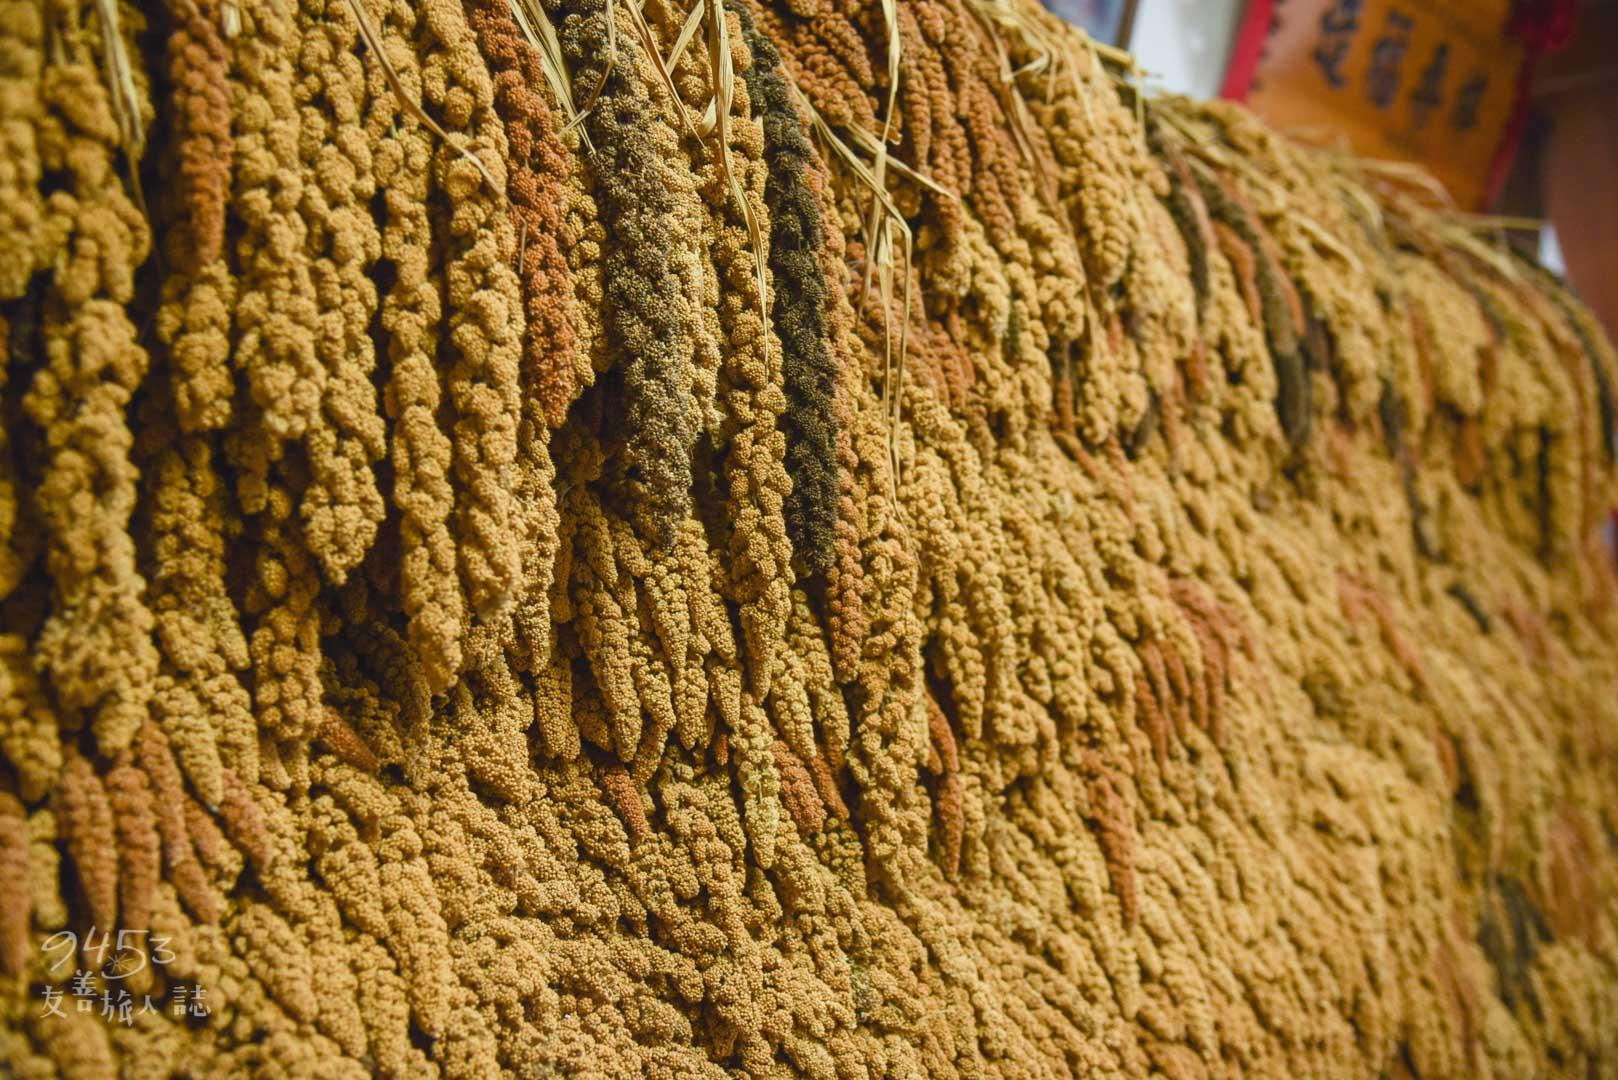 隨處可見的金黃色小米